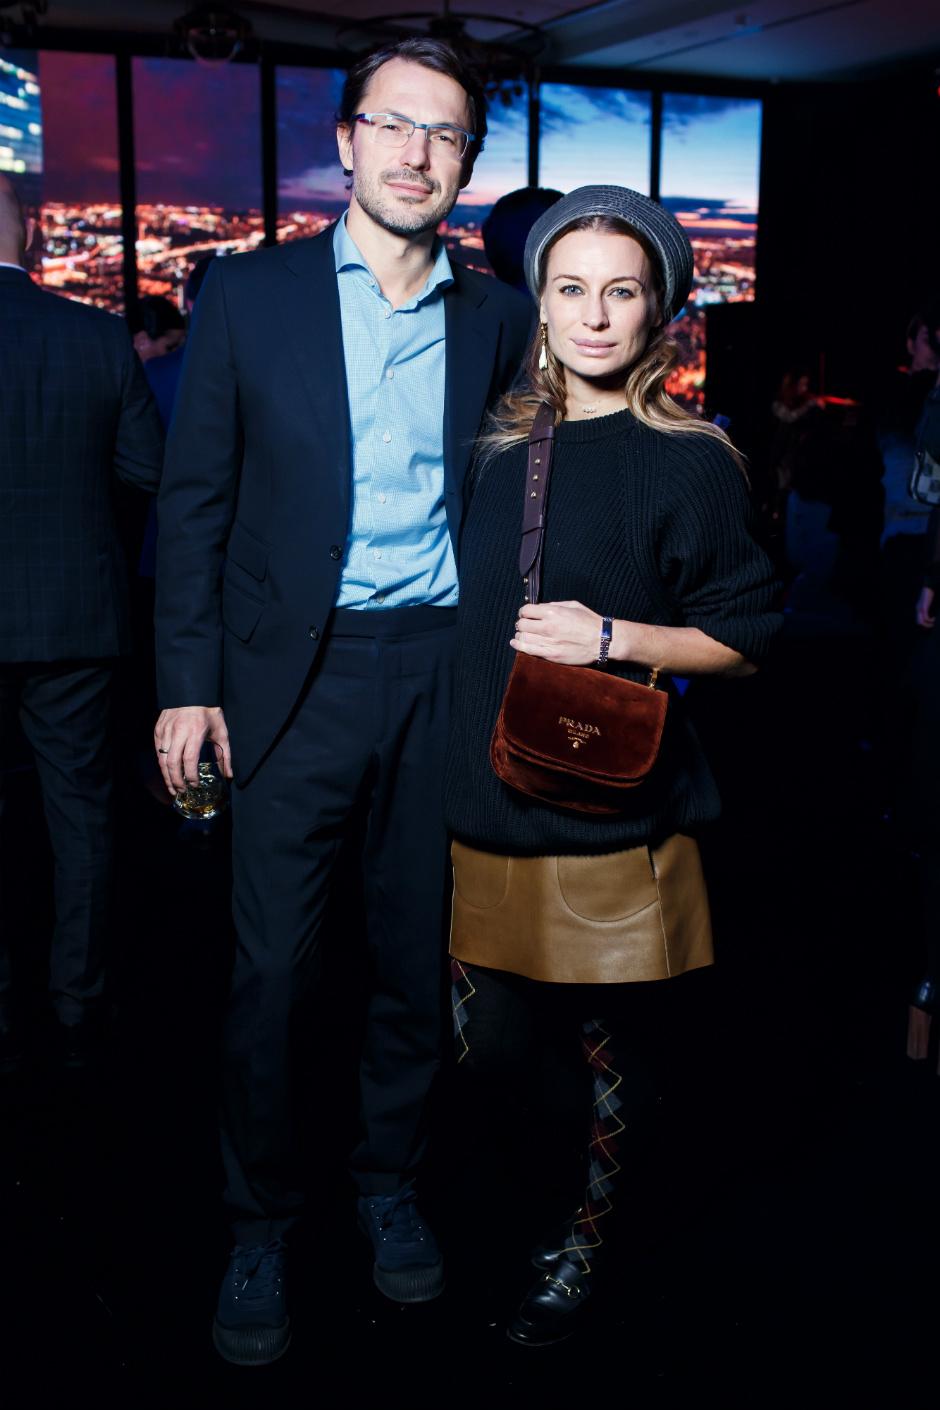 бизнесмен Сергей Рябцов с супругой Анастасией